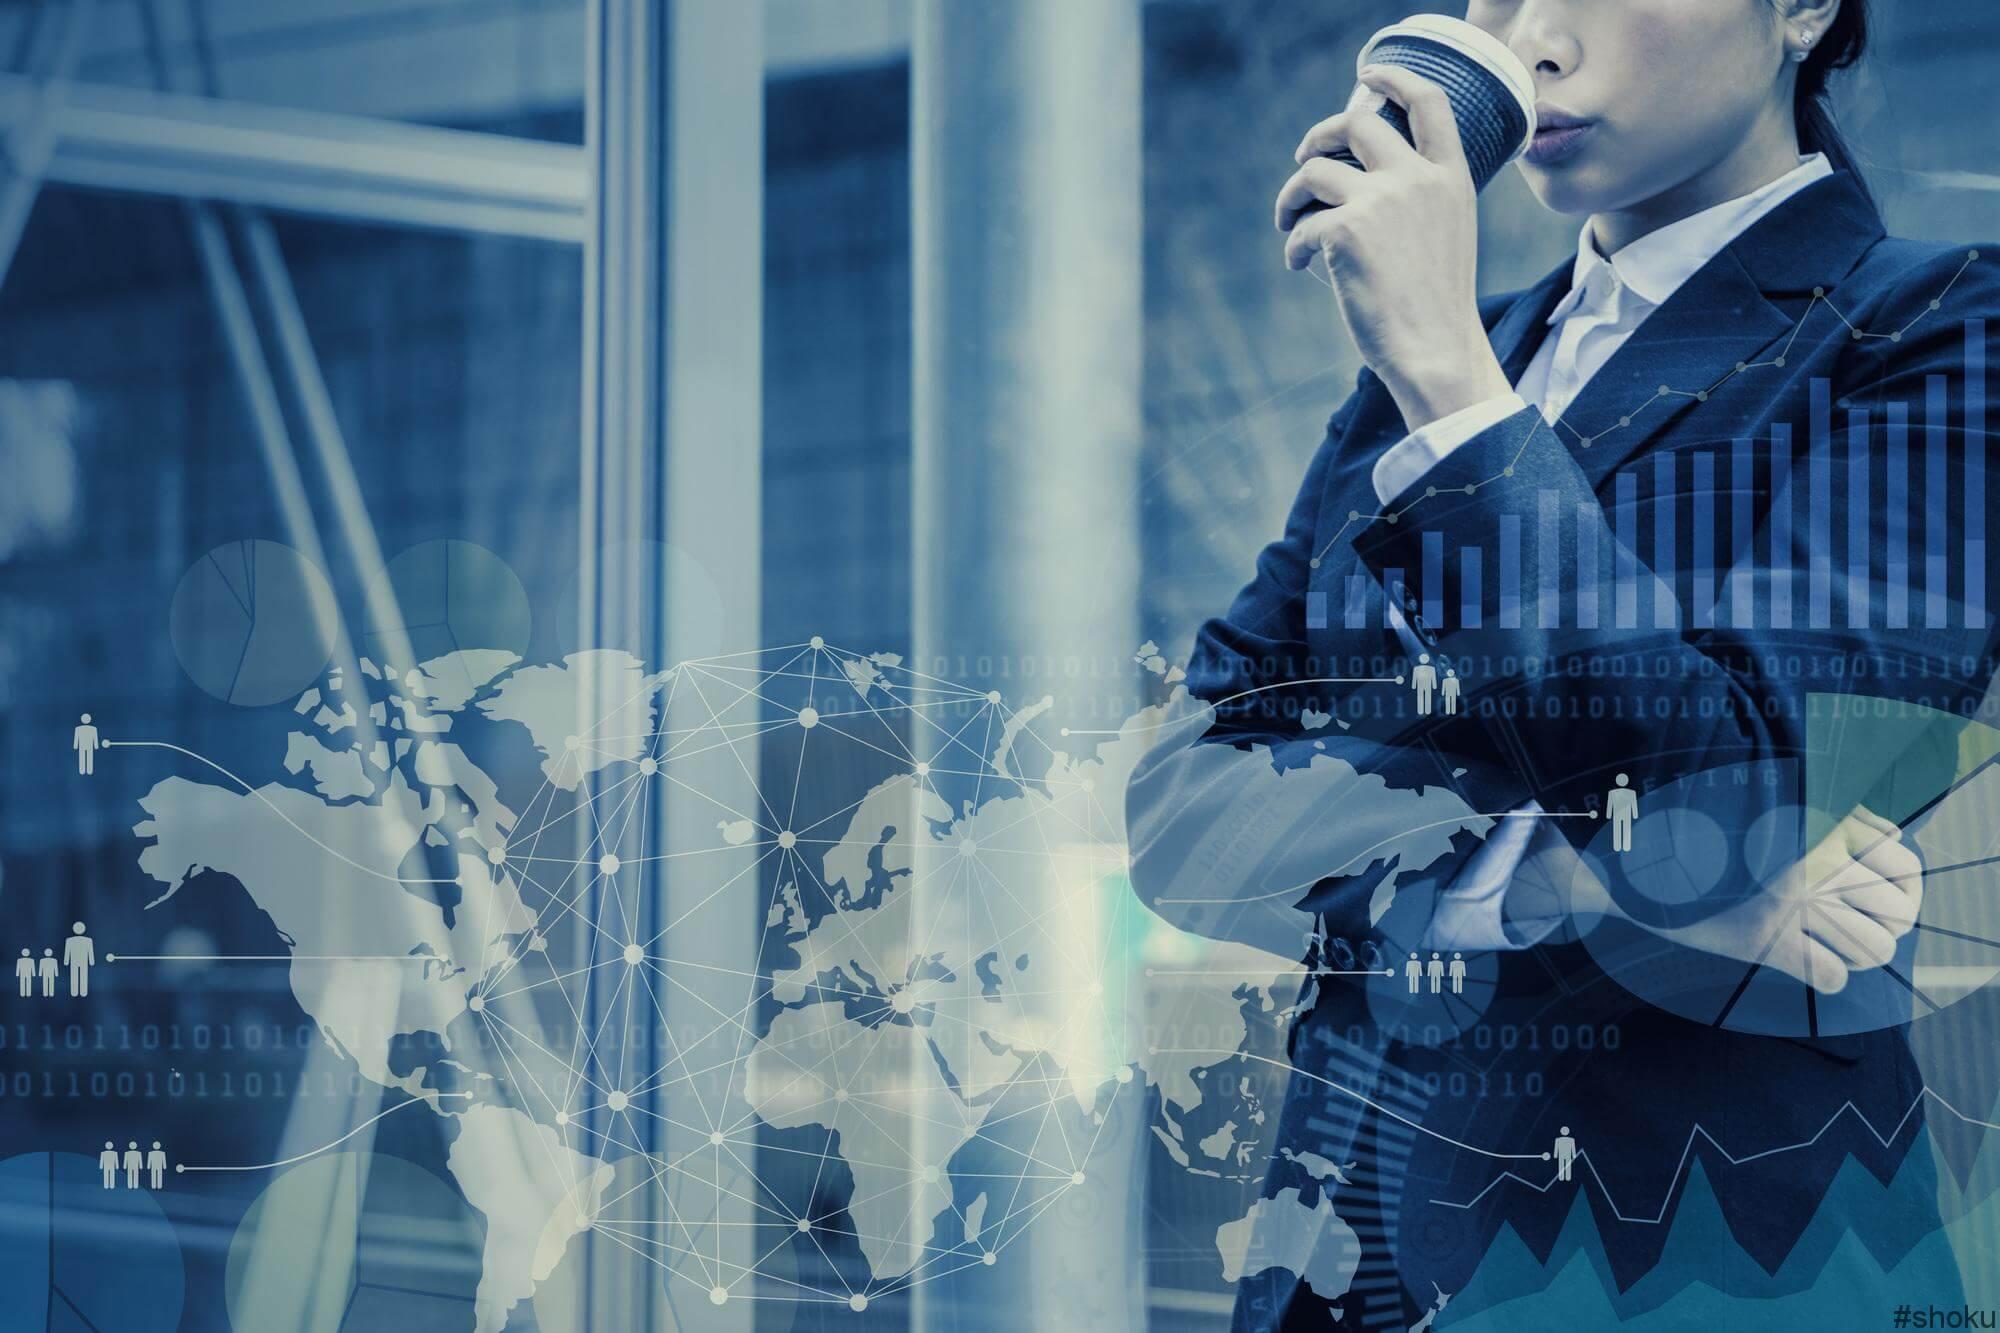 外資系企業の求人数派遣会社別ランキング!